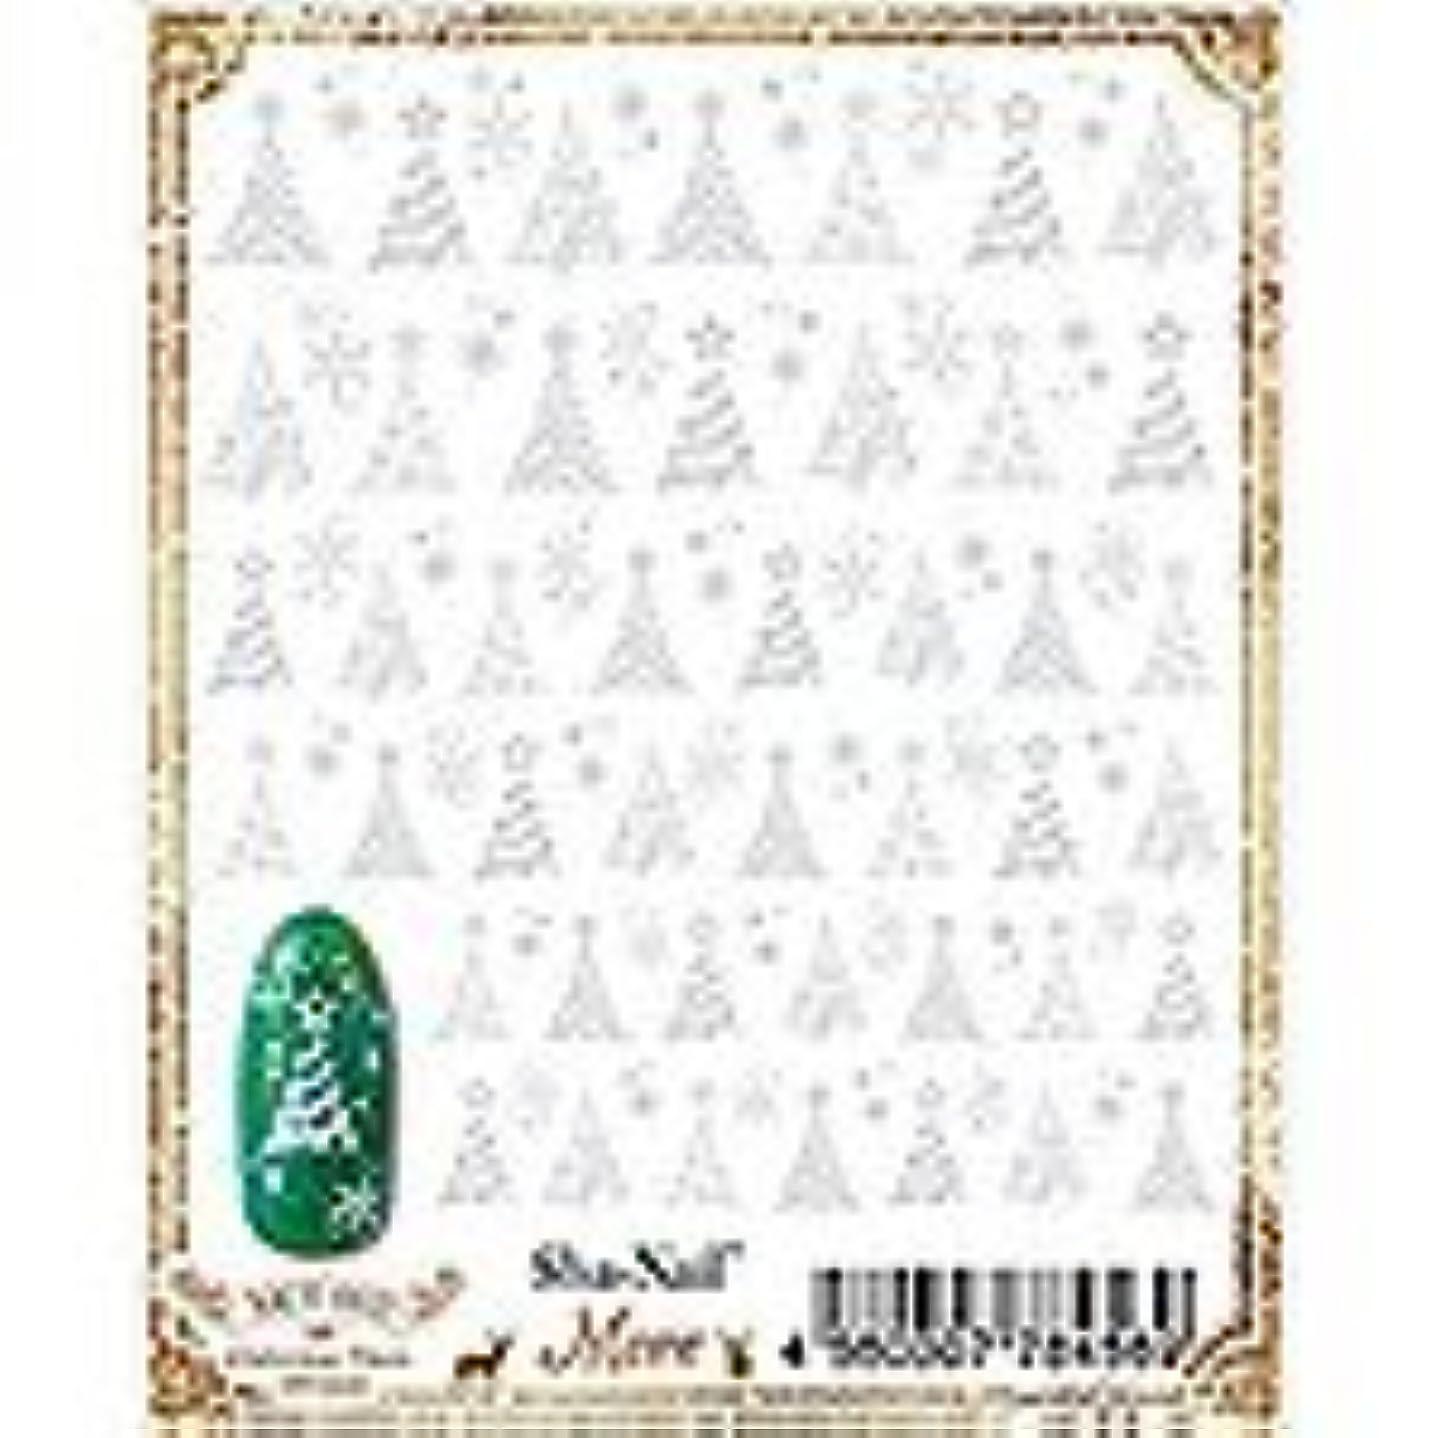 閉じる葉っぱ松の木クリスマスツリーズ(ホワイト)